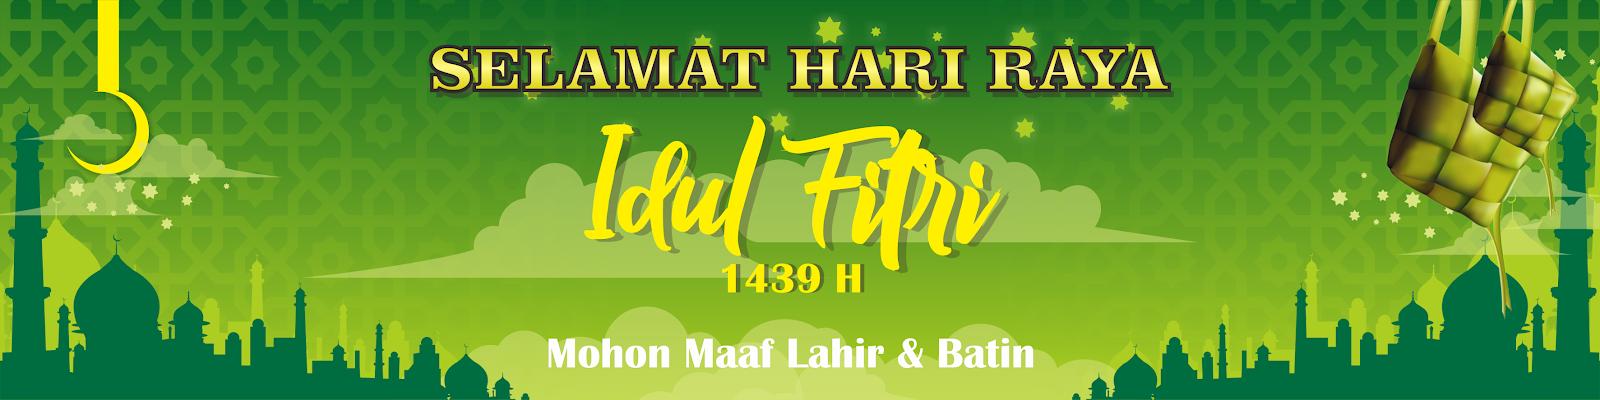 Contoh Desain Banner Mubarak Eid Idul Fitri 1439 Hijriyah Cuitan